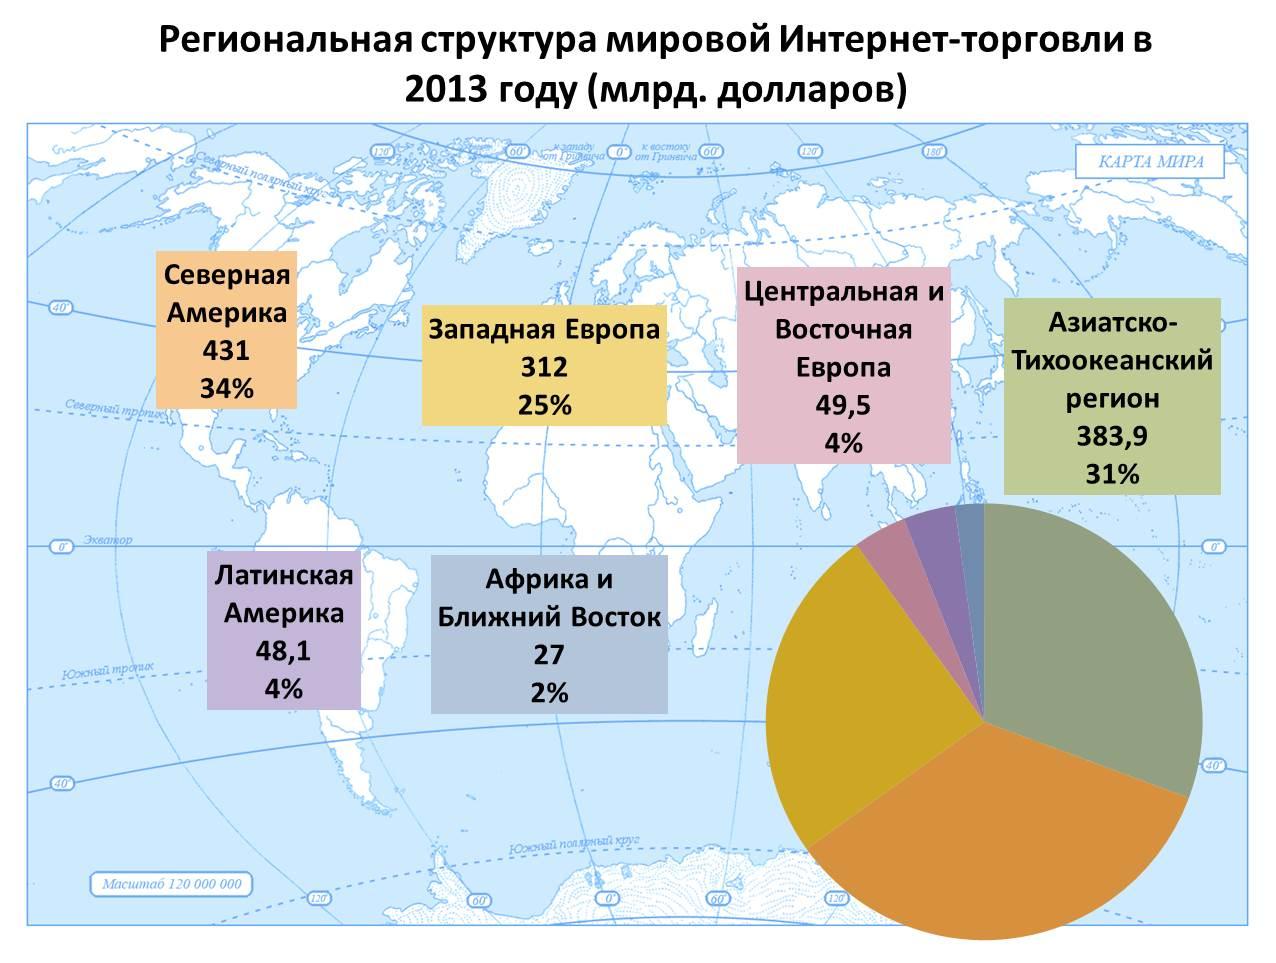 Статистика интернет-торговли в странах мира    Shopolog.ru 181fbbe6bb5c3